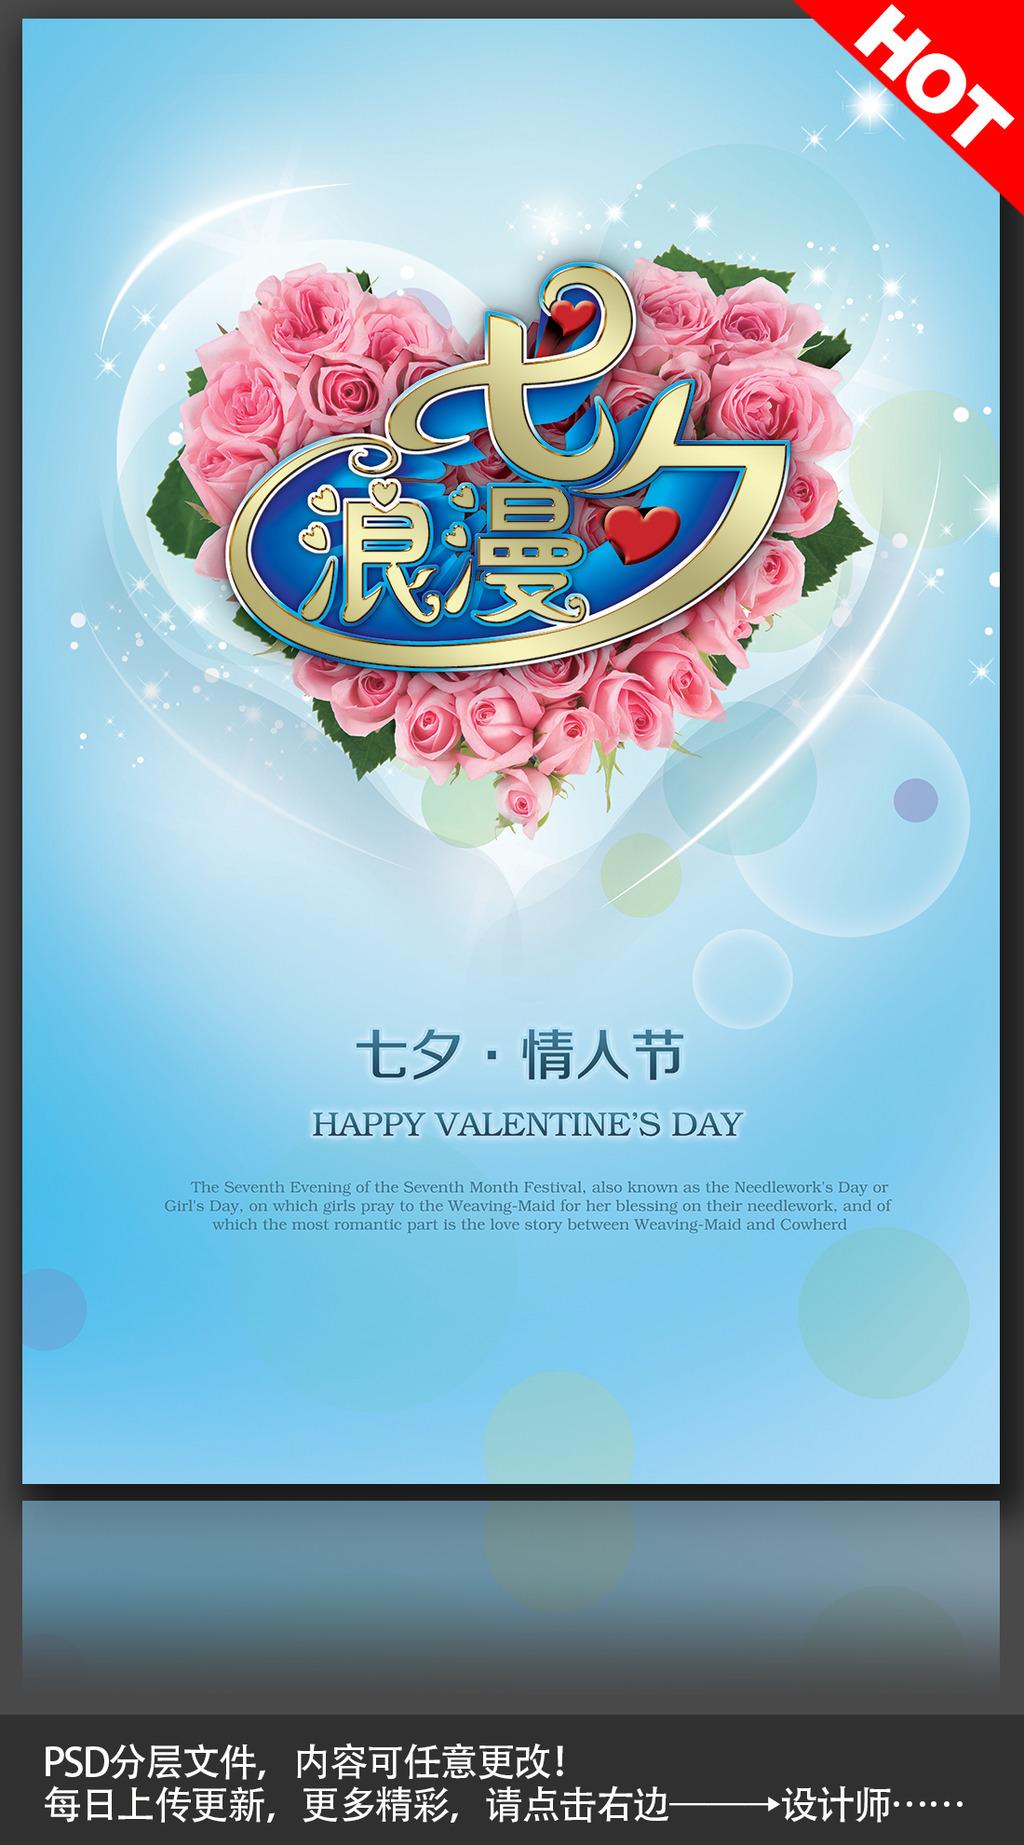 七夕情人节促销活动_浪漫七夕活动海报浪漫七夕情人节促销活动海